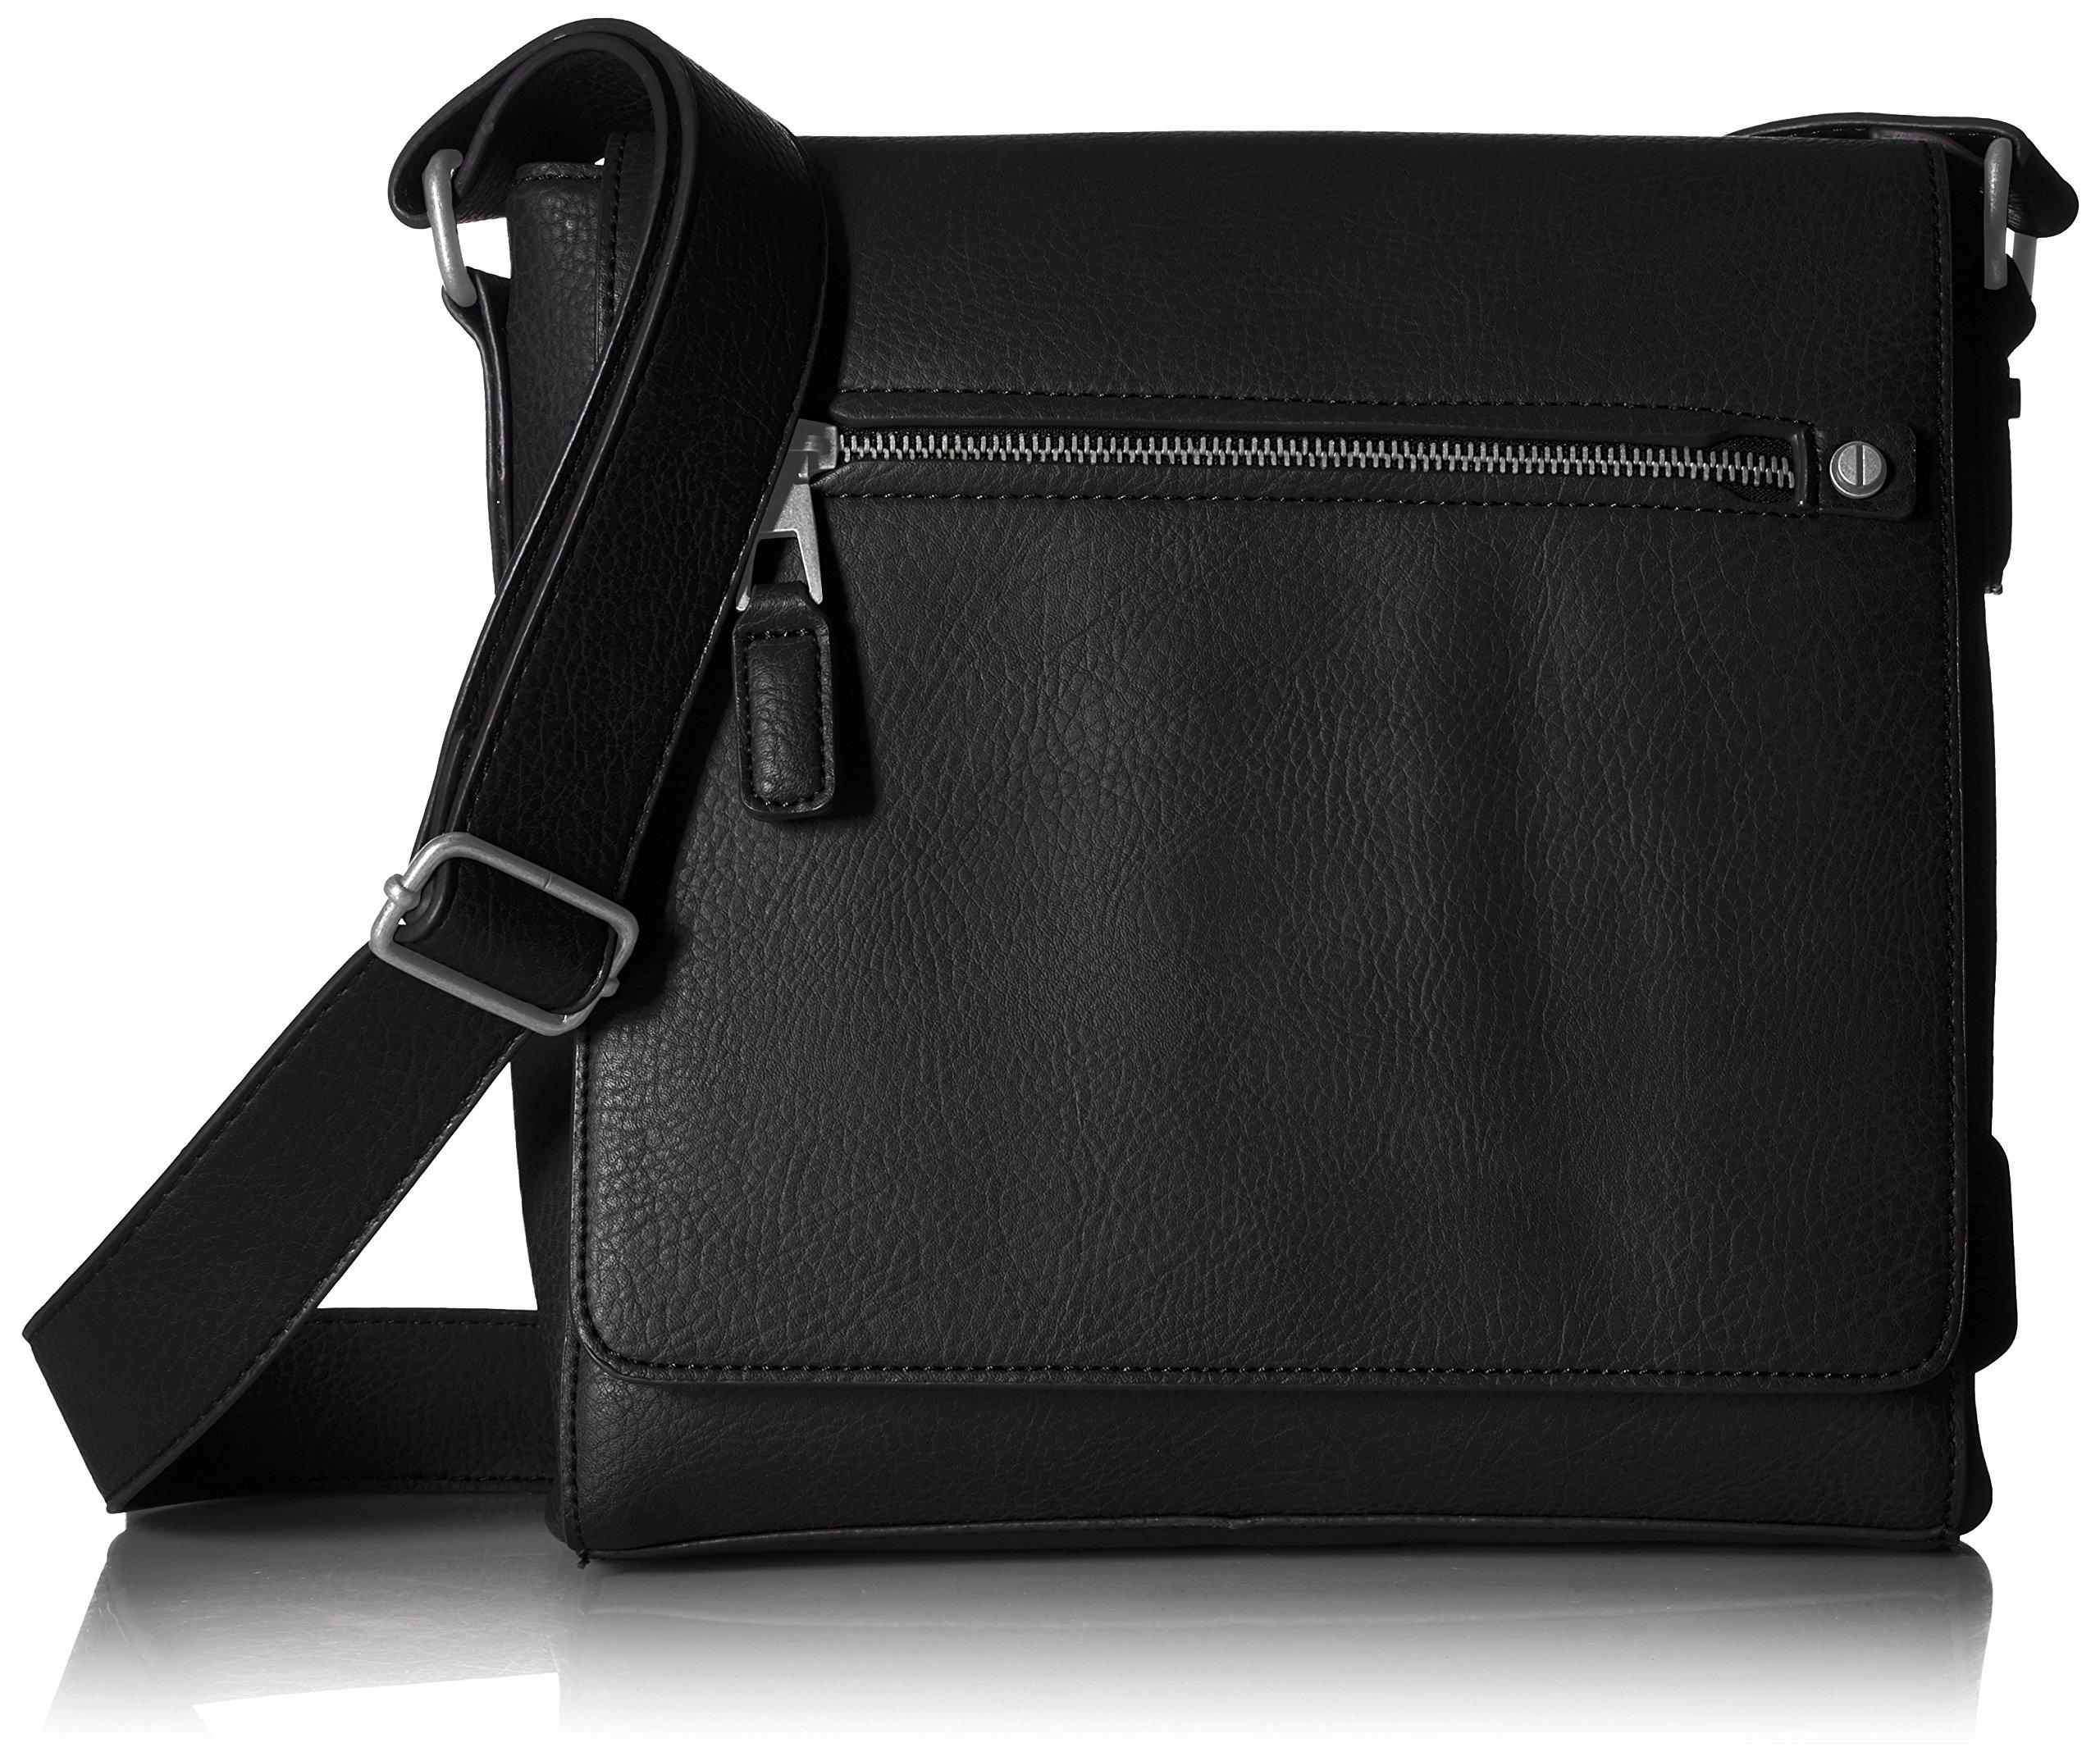 1af8db56f41 Aldo Messenger Bag Top Deals   Lowest Price